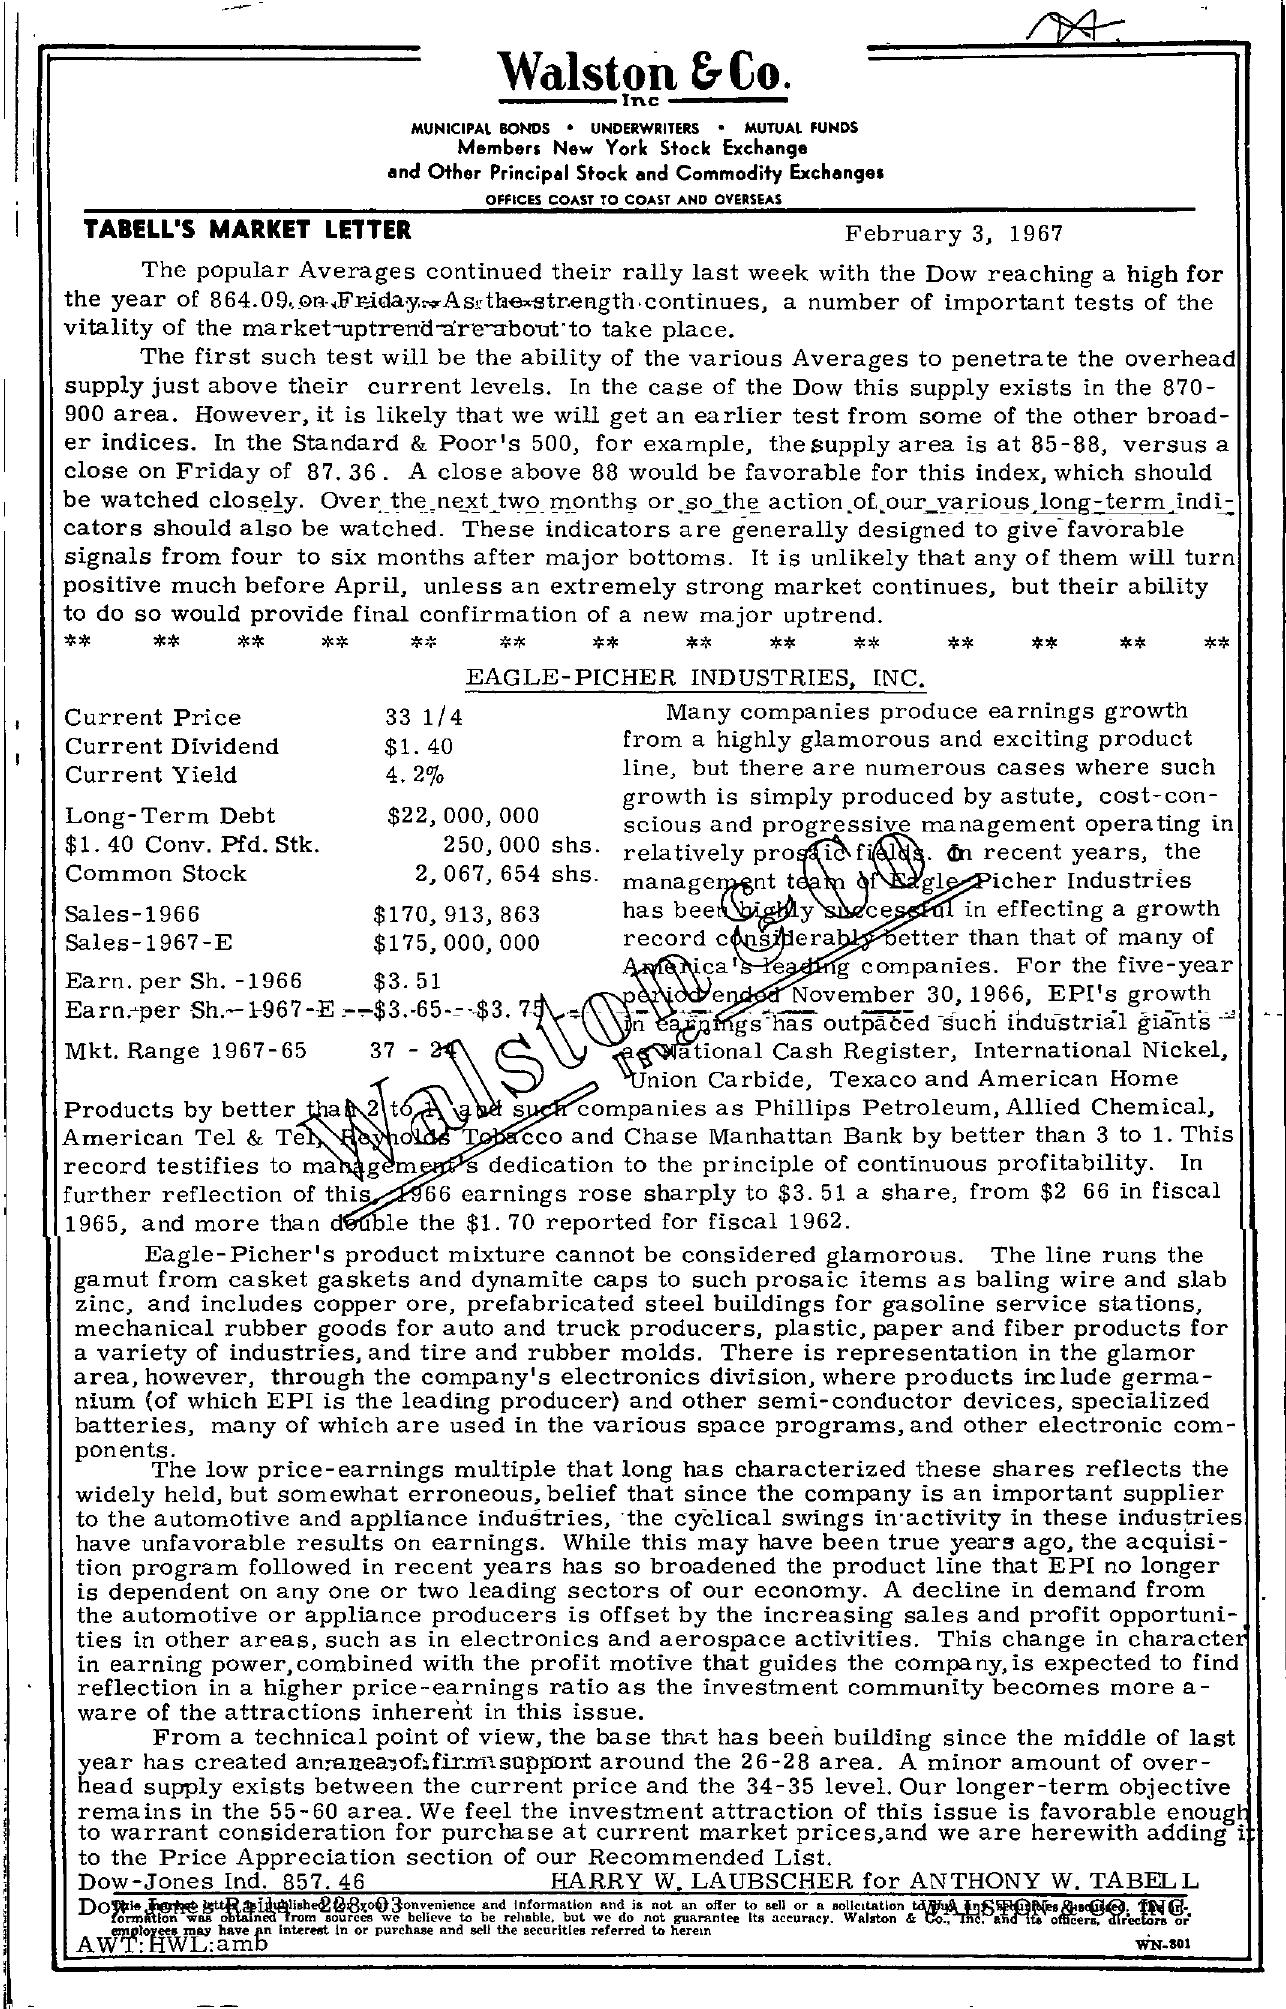 Tabell's Market Letter - February 03, 1967